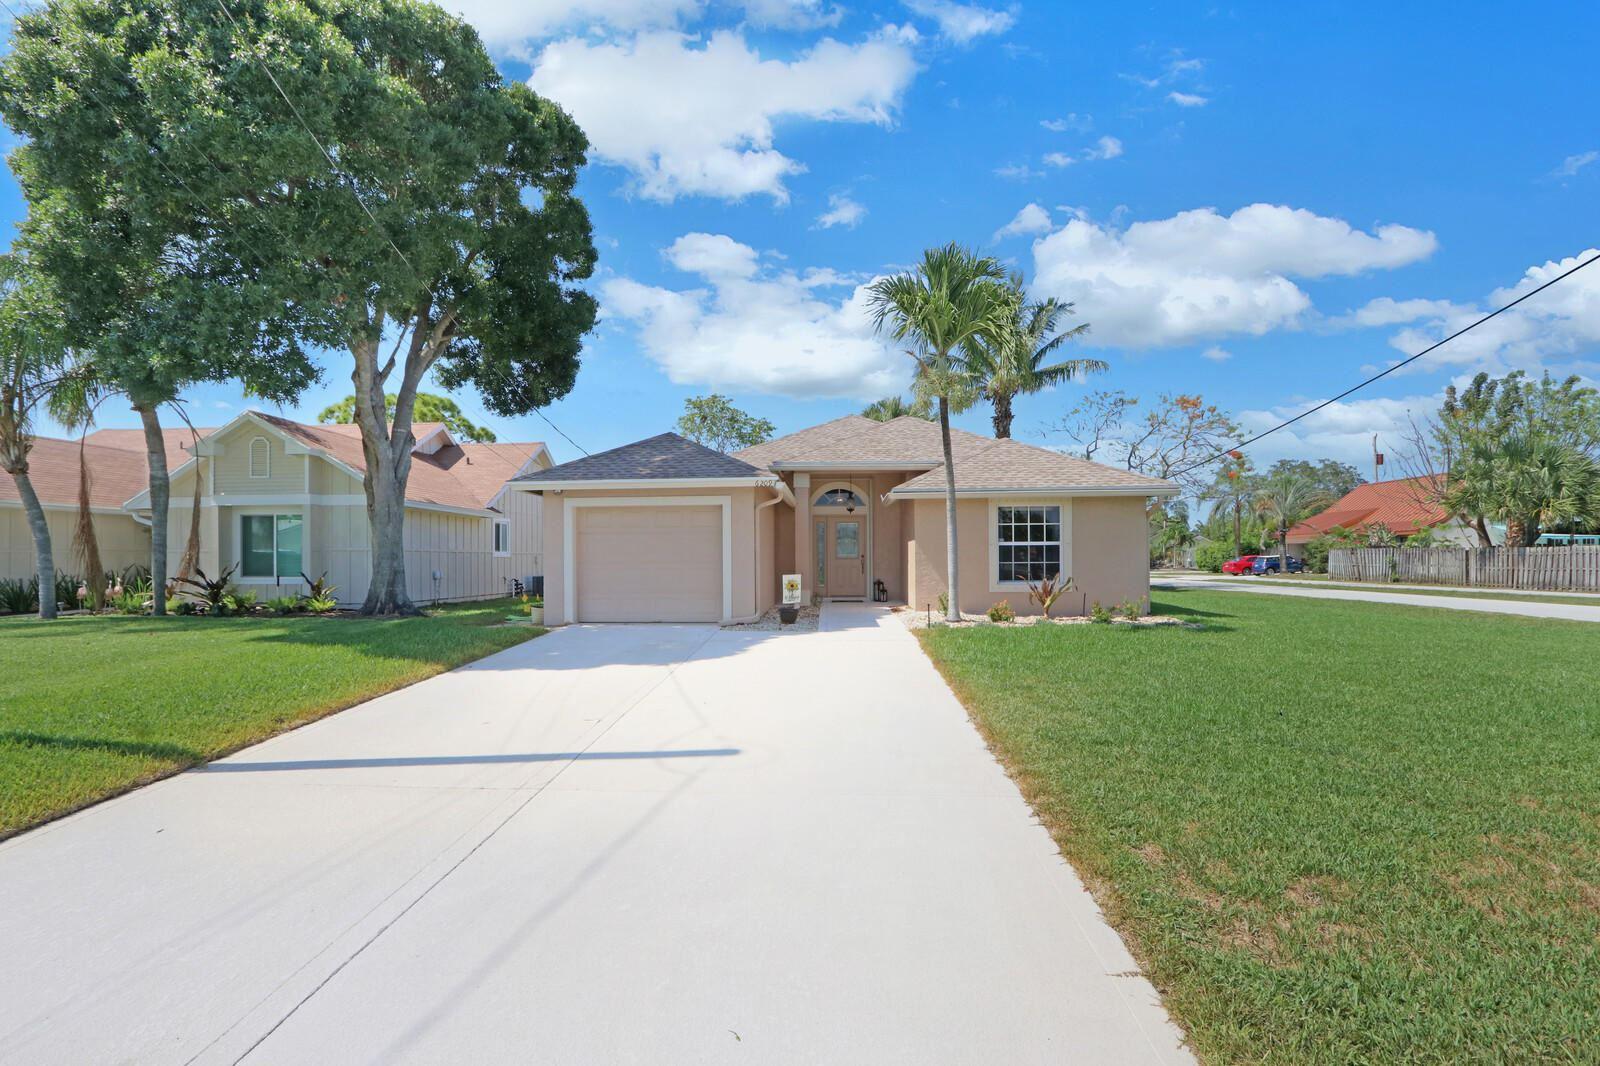 6209 Dania Street, Jupiter, FL 33458 - MLS#: RX-10714508